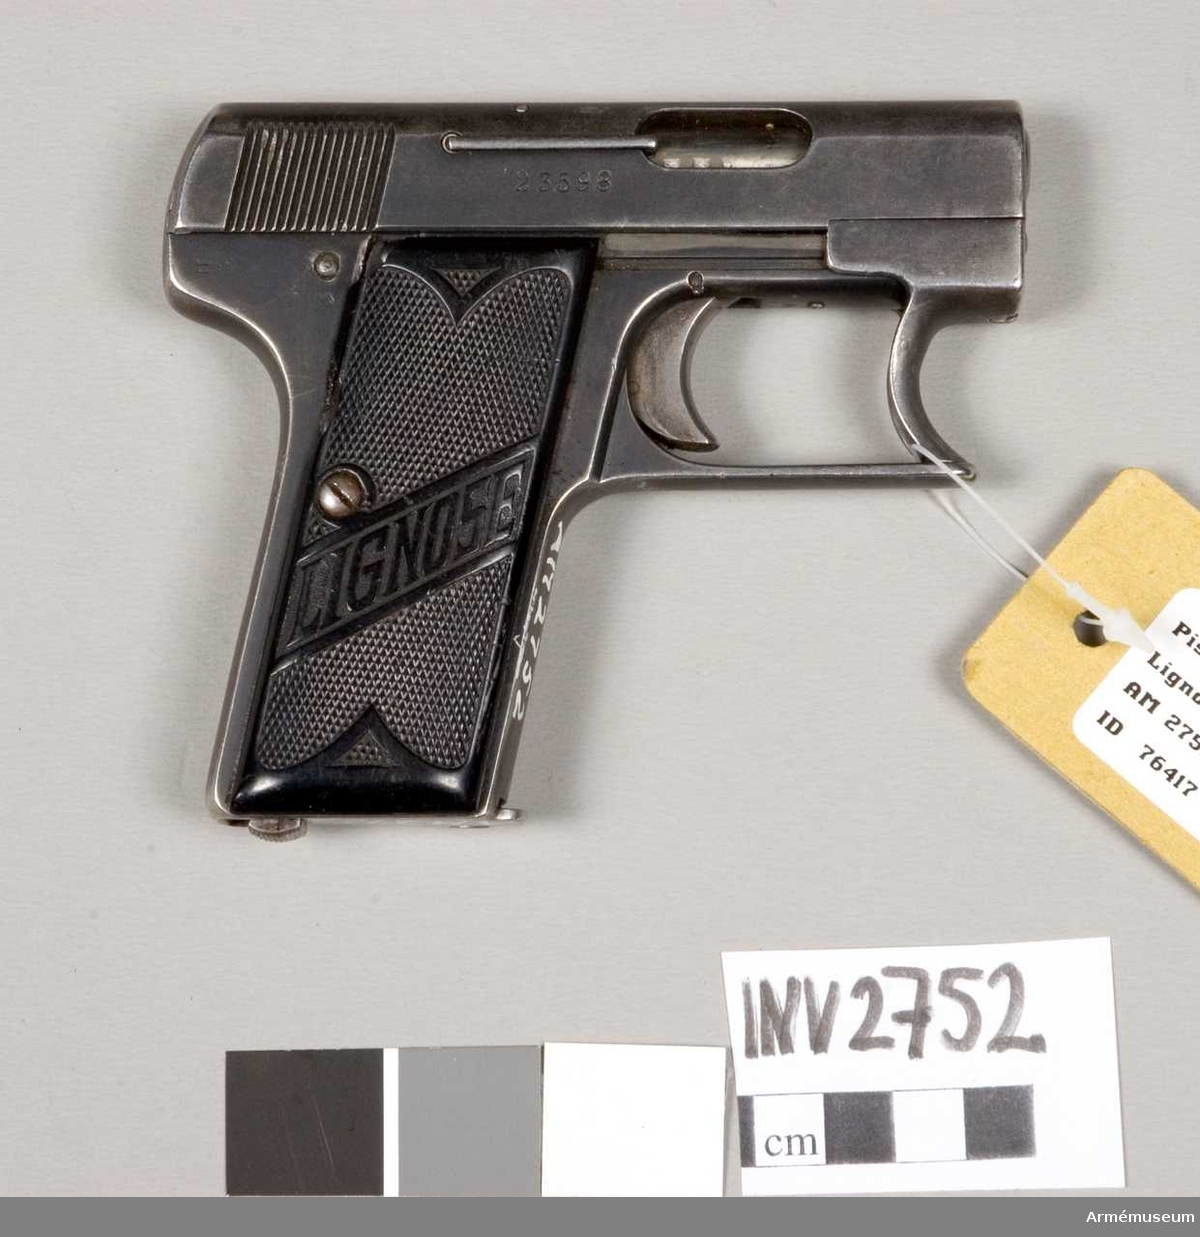 Enl uppgift brukad i Finland av tyska krigsinvalider under 2.a världskriget. Finsk gåva.  Består av: 1 pistol, halvautomatisk, 1 magasin, 8-patroners.